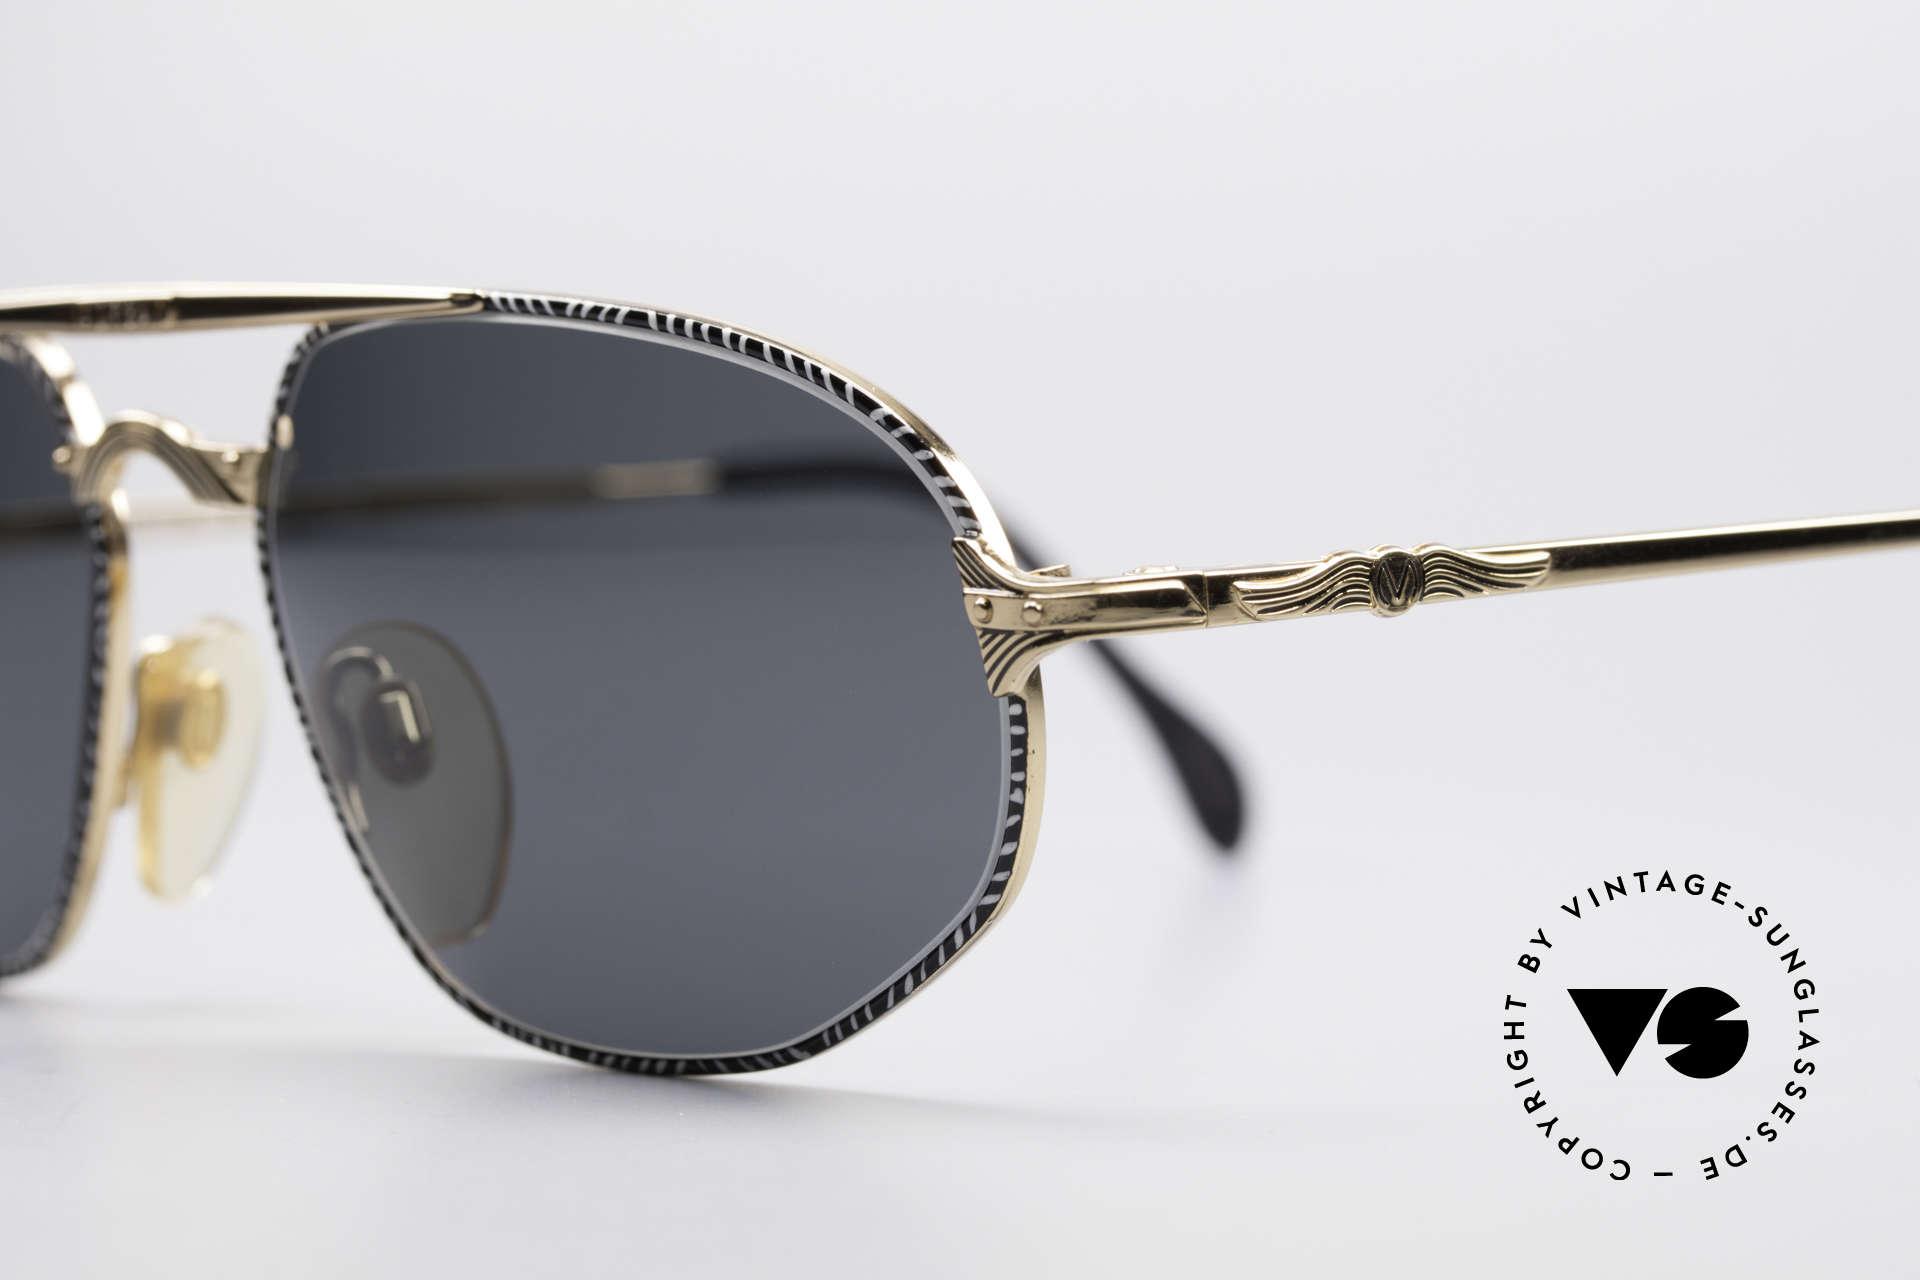 Morgan Motors 804 Oldtimer Sonnenbrille, ein absolutes 'MUST HAVE' für alle Oldtimer-Freunde, Passend für Herren